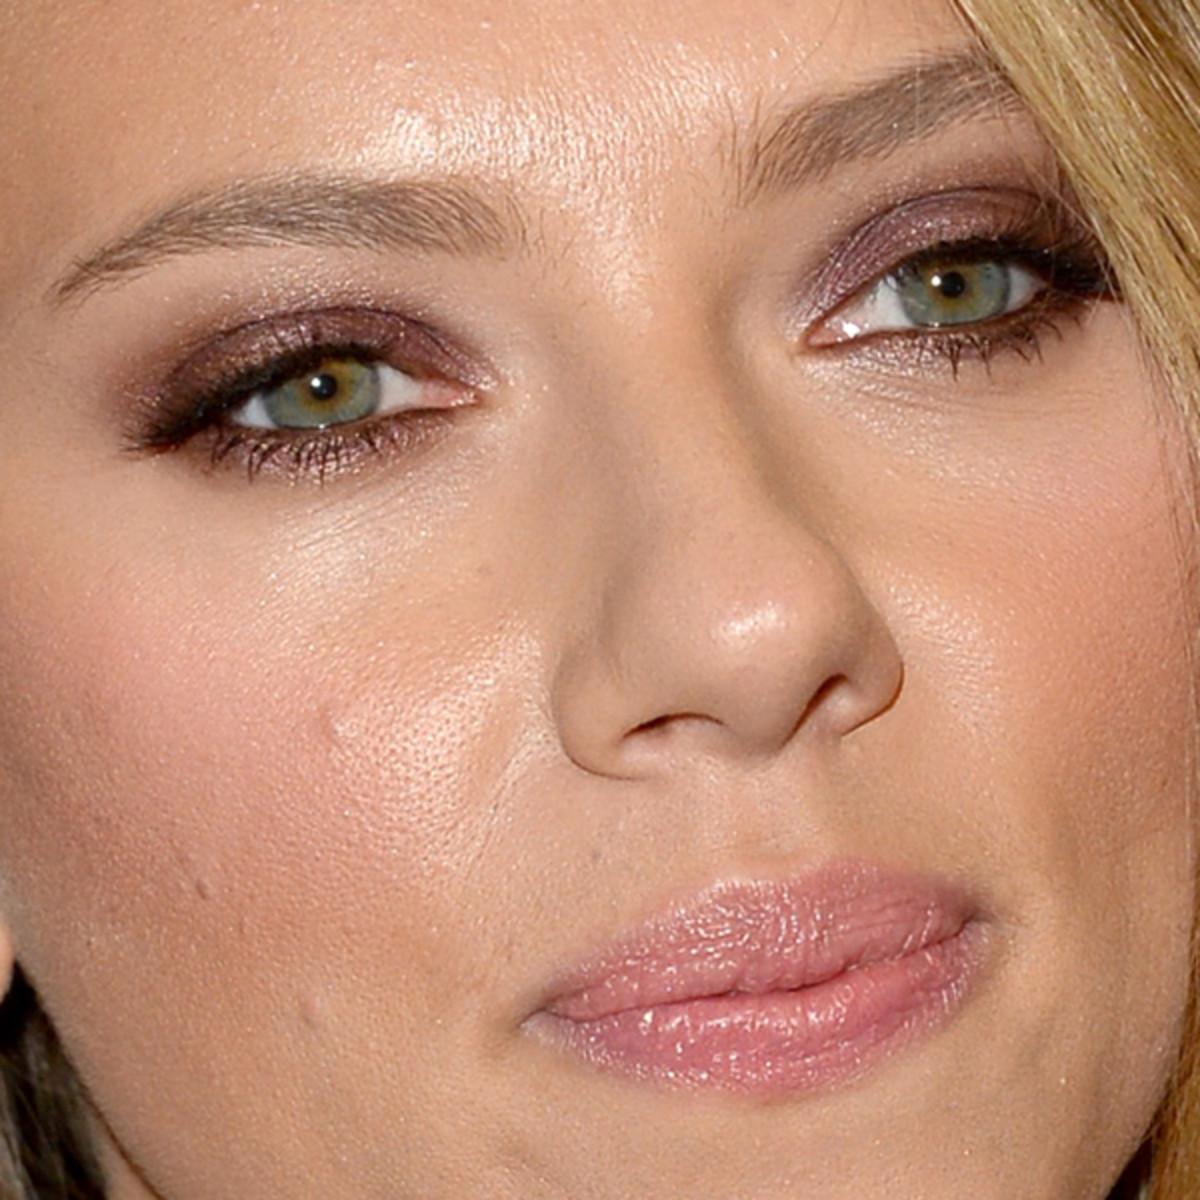 Scarlett Johansson makeup - Under the Skin premiere, Toronto 2013